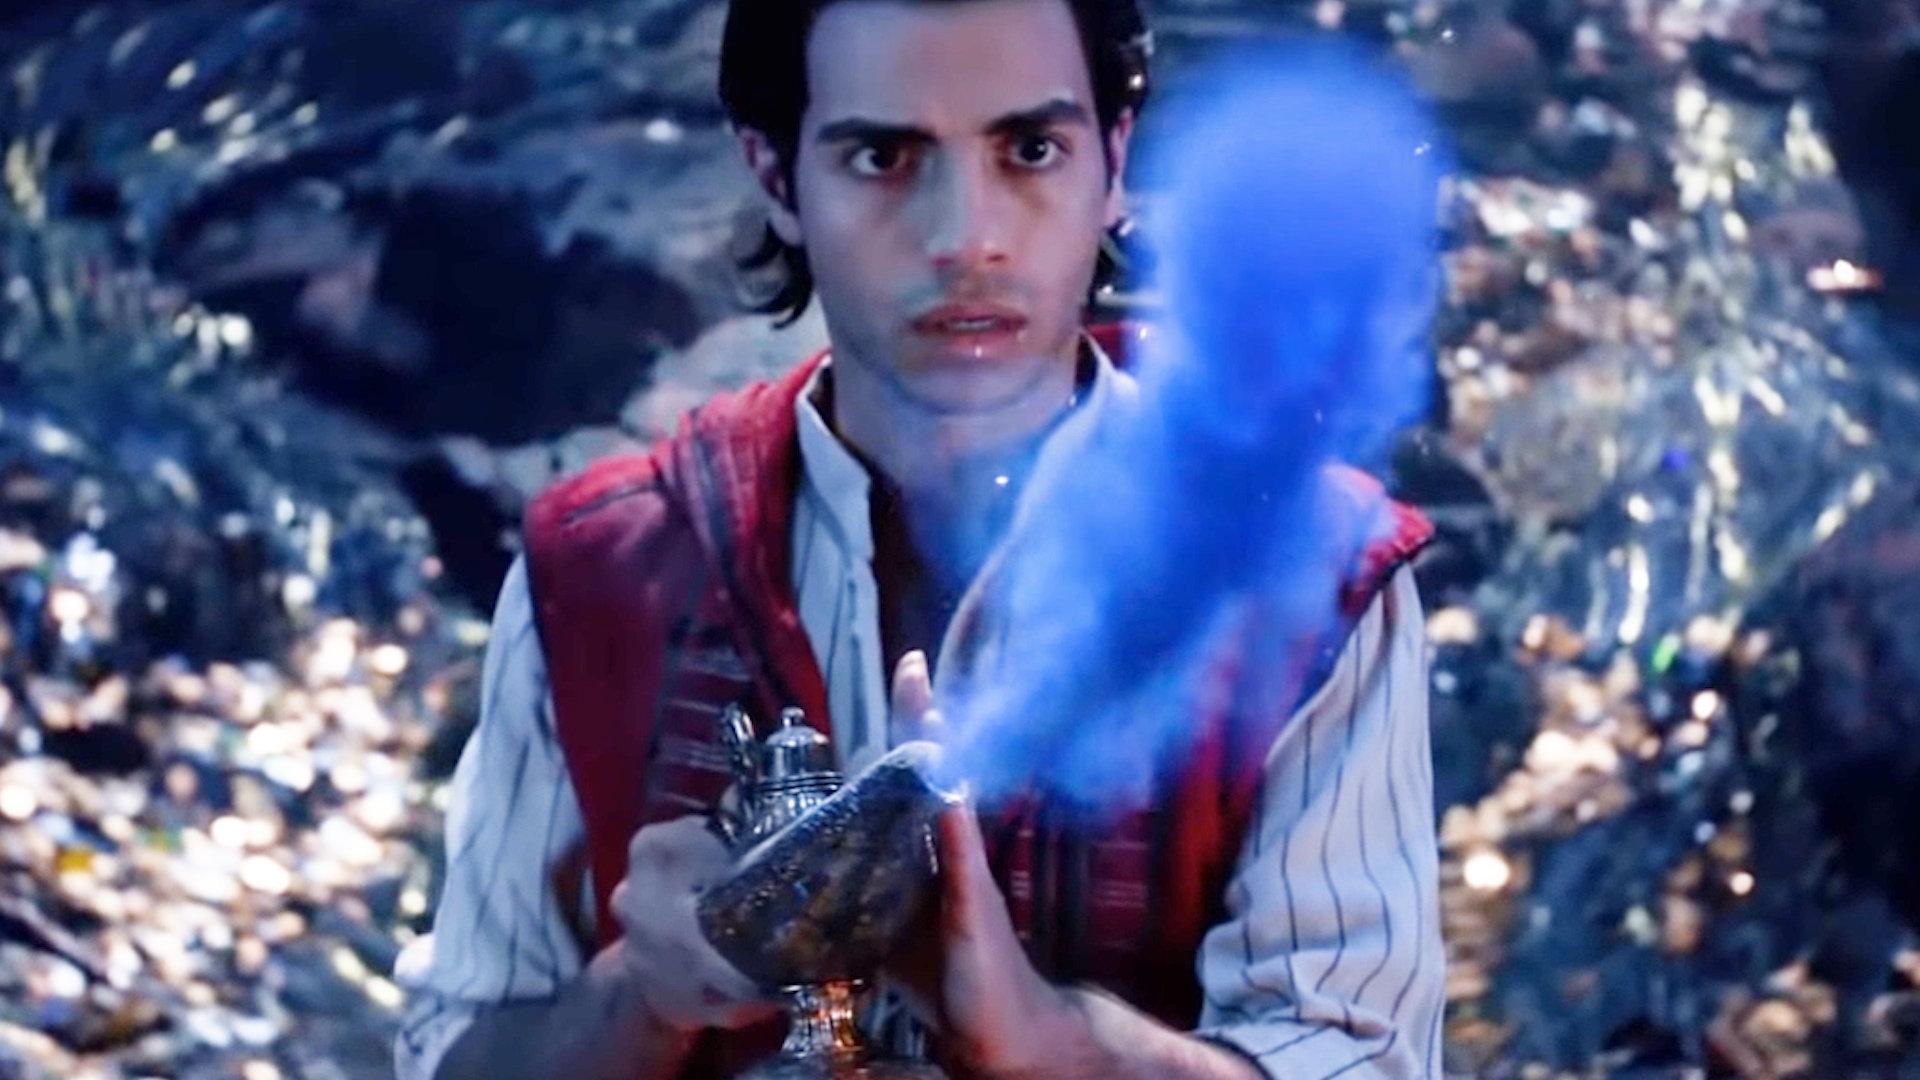 Un nouveau teaser d'Aladdin dévoilé en marge des